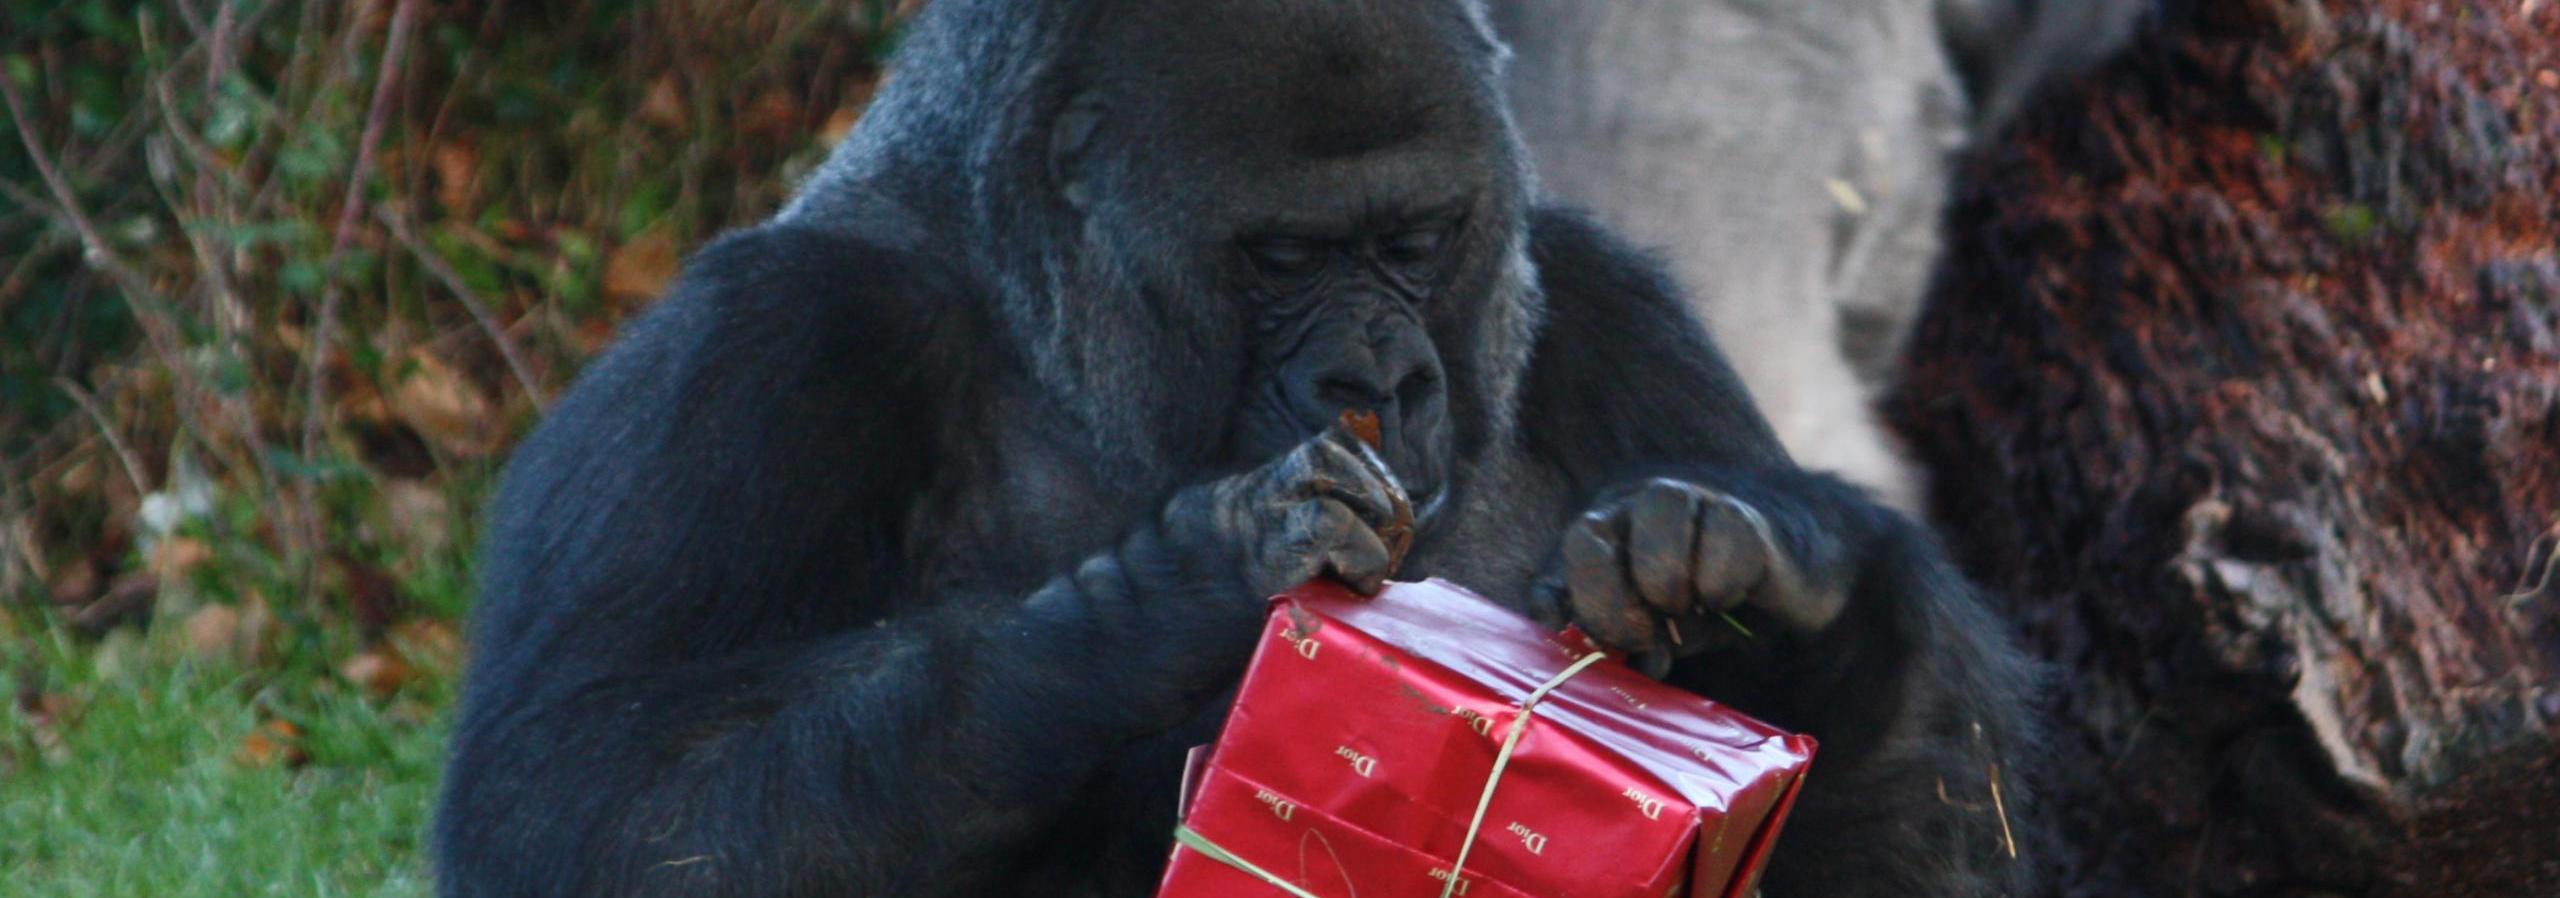 Jingle in the Jungle, Jersey Zoo